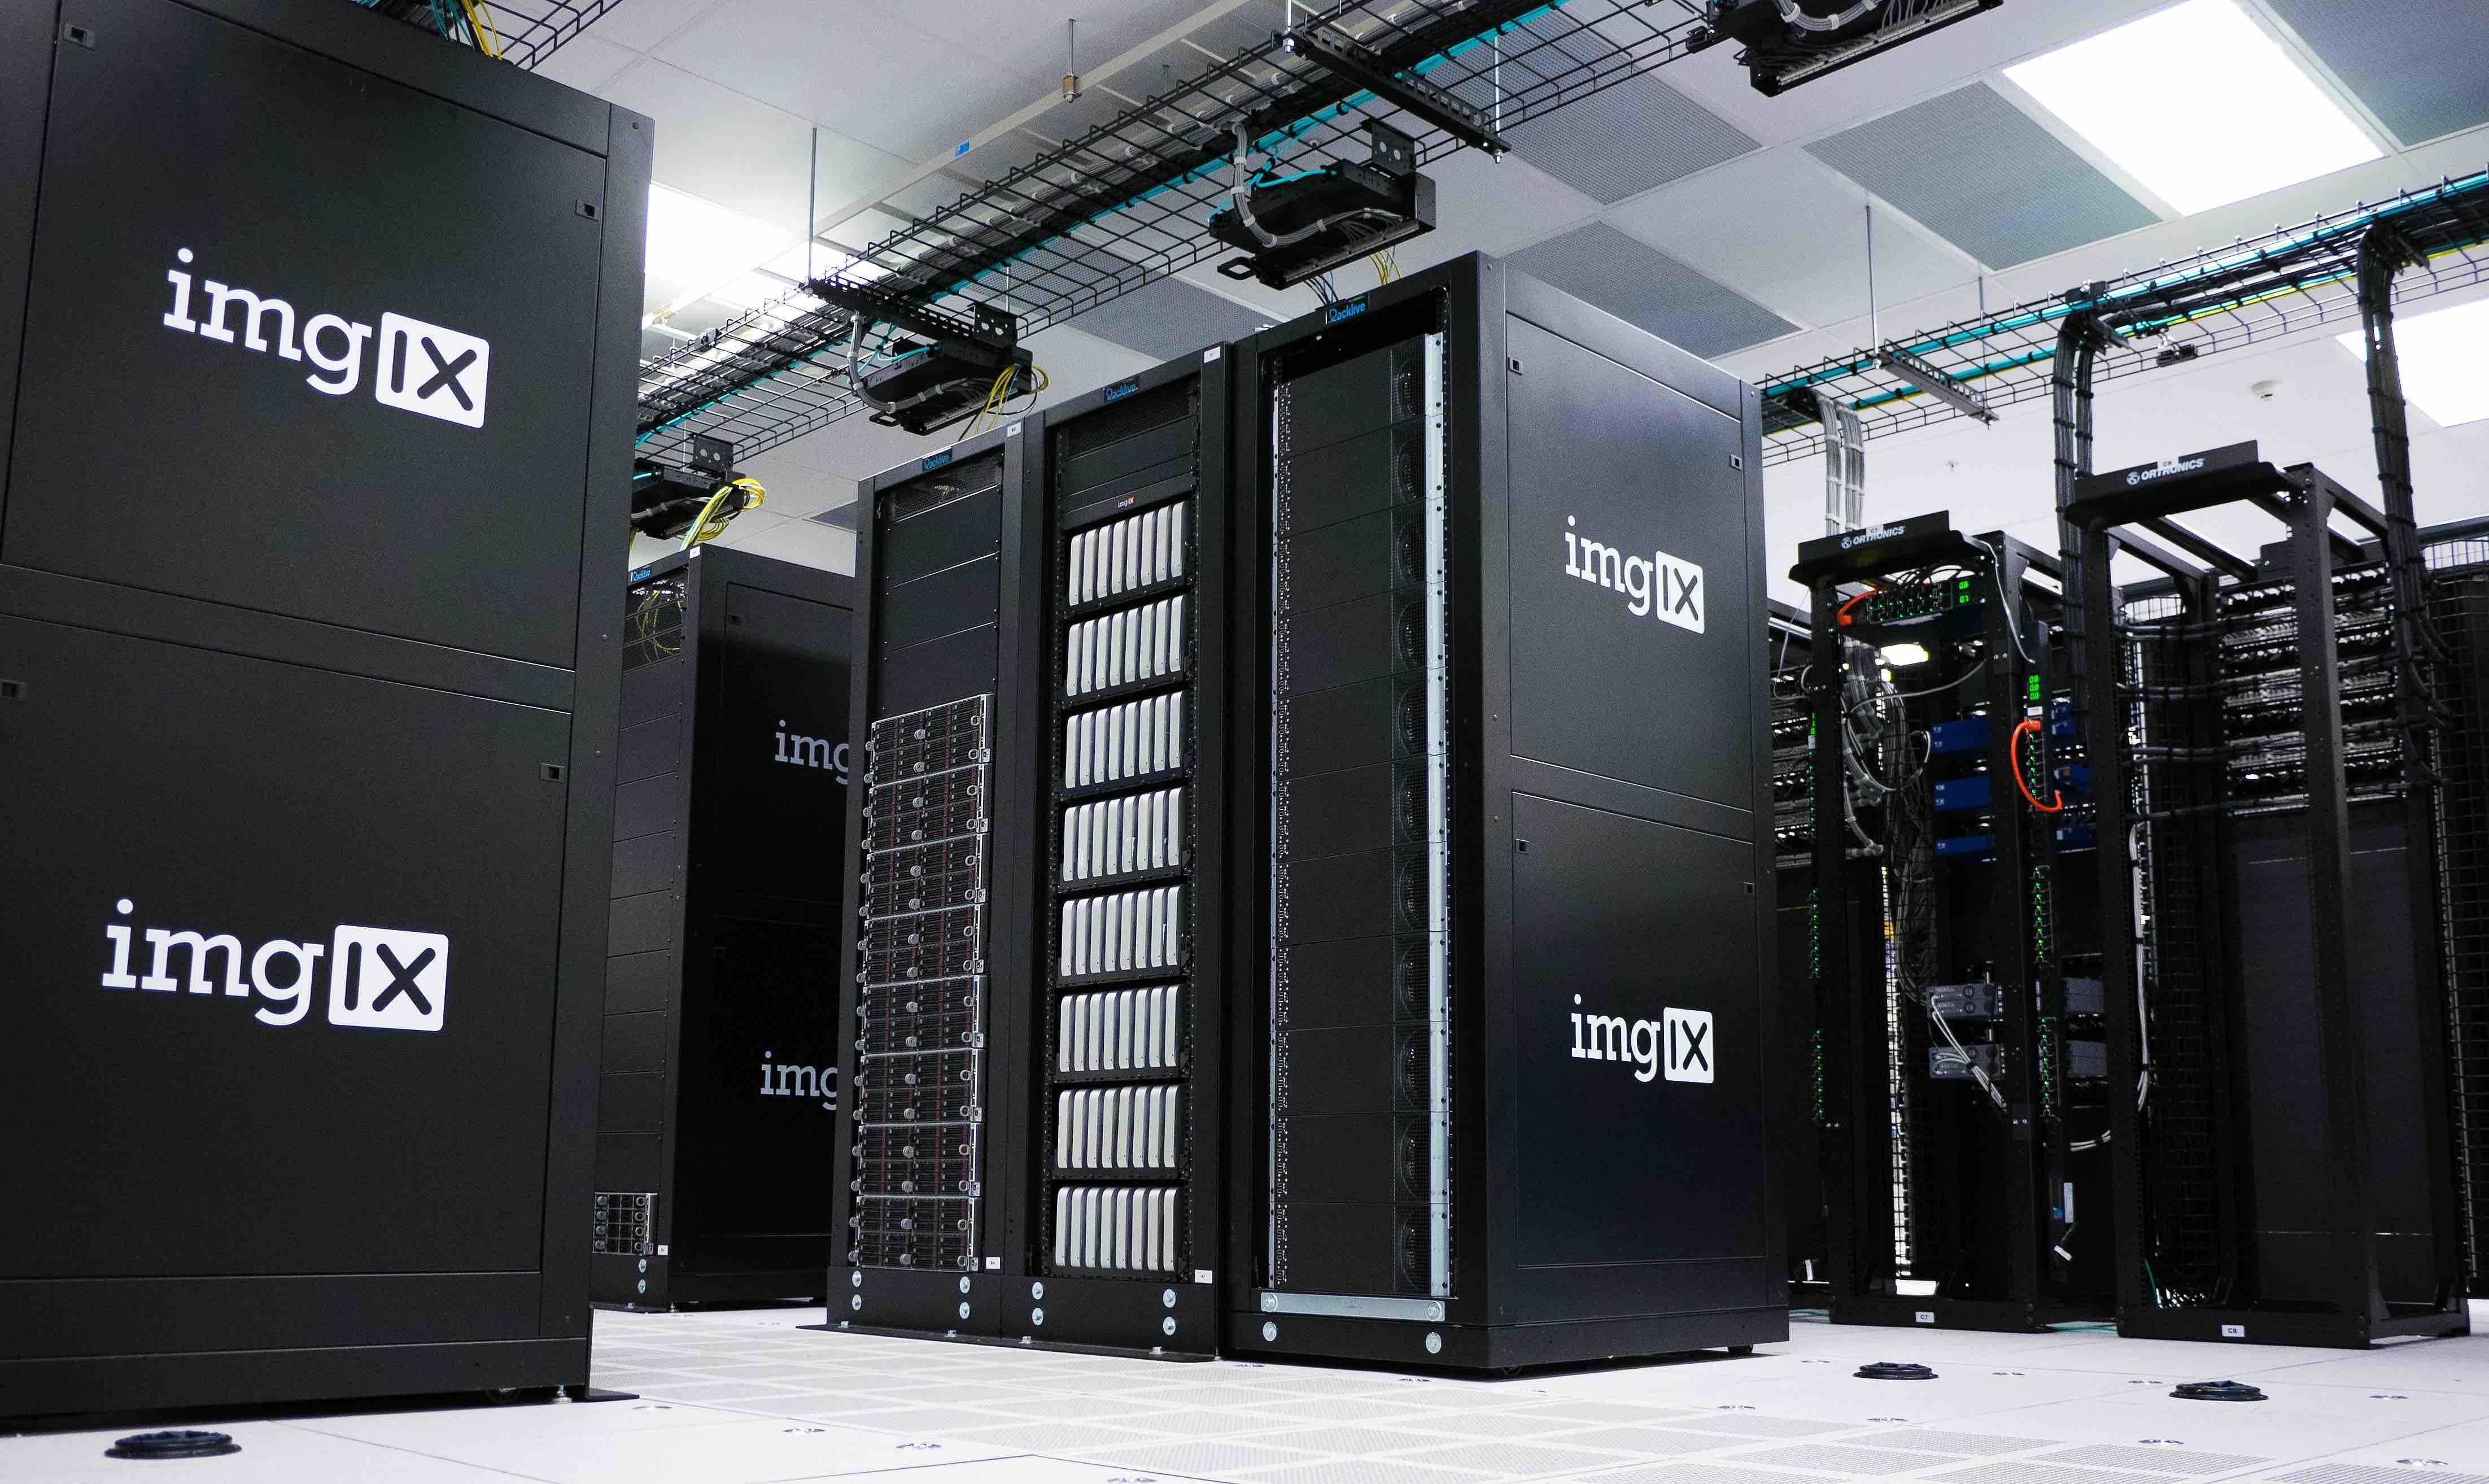 데이터 센터 ©Imgix/Unsplash